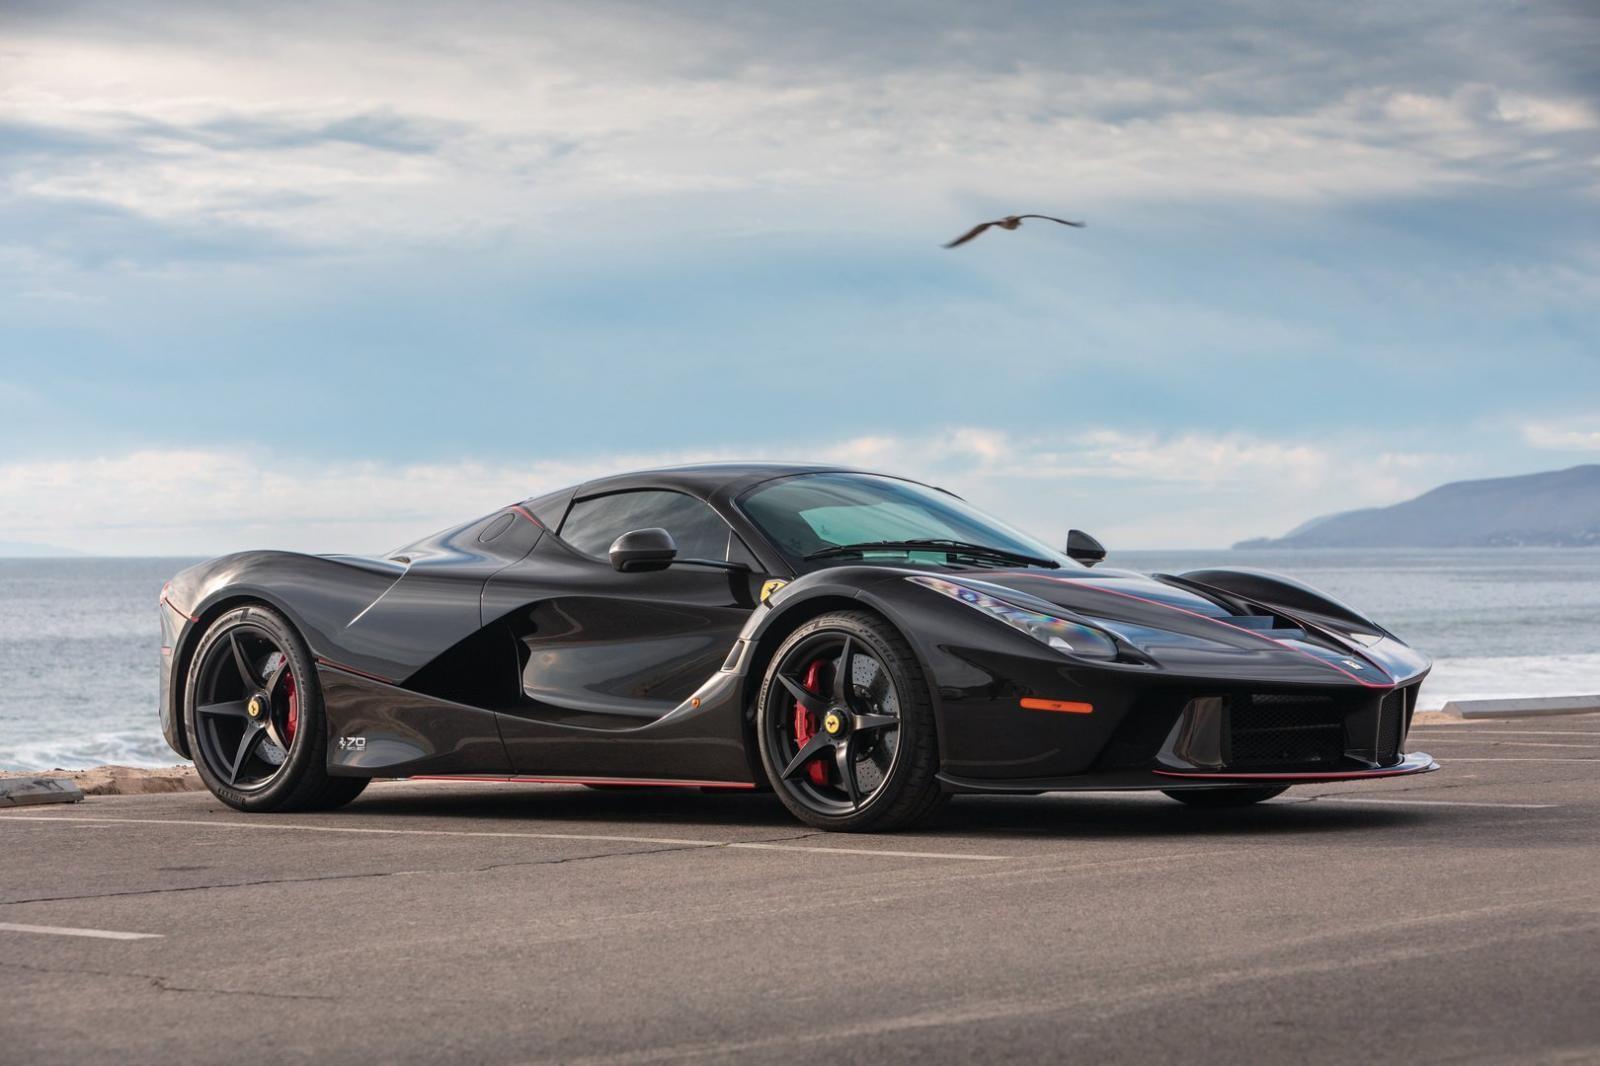 9 chiếc dành cho hãng Ferrari trưng bày ở các sự kiện 70 năm của hãng và 1 chiếc được đấu giá